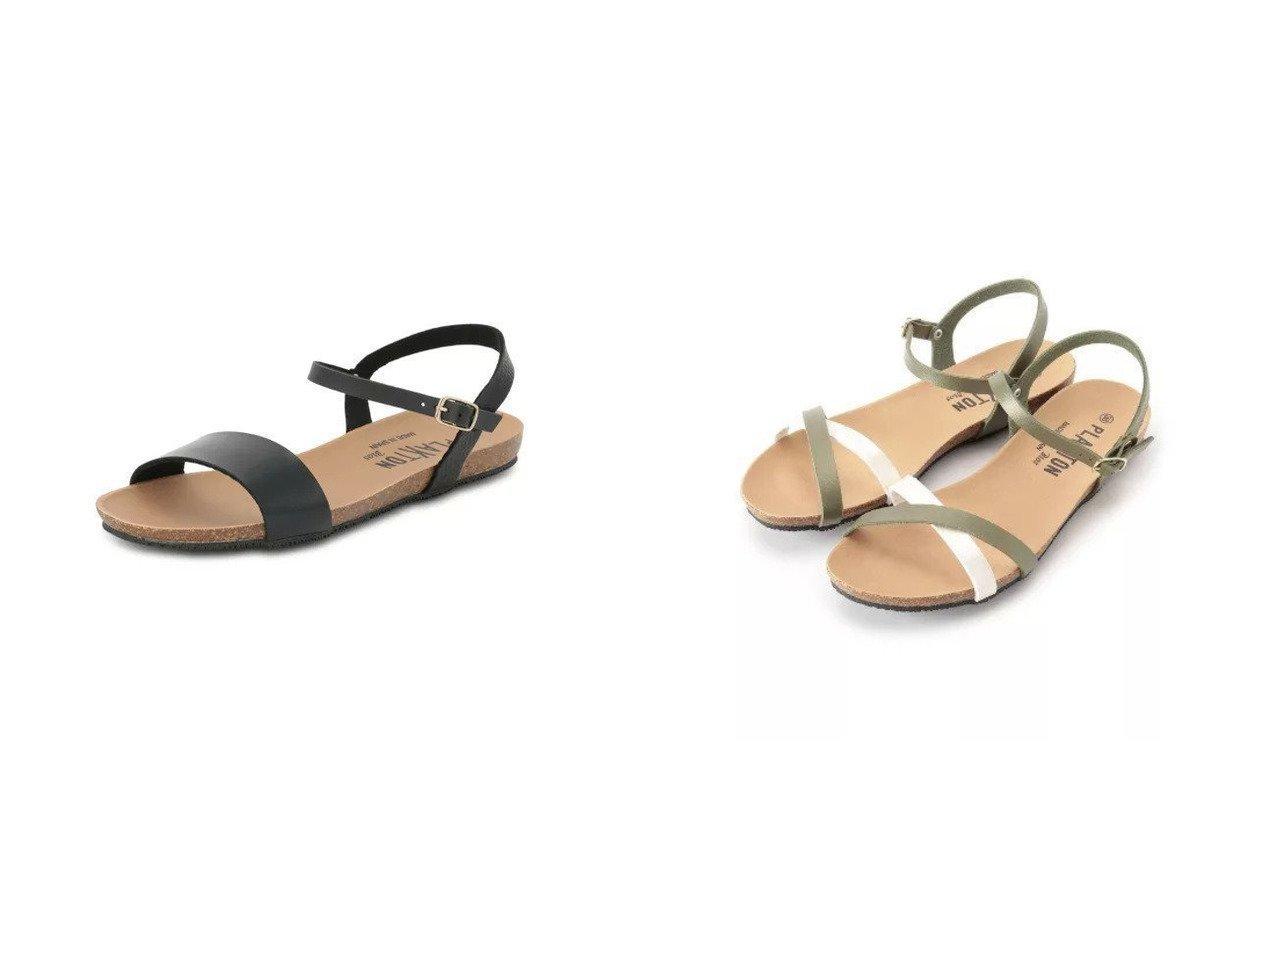 【Dessin/デッサン】のPLAKTON クロスストラップサンダル 575029&【MELROSE claire/メルローズ クレール】のアンクルストラップフラットサンダル 【シューズ・靴】おすすめ!人気、トレンド・レディースファッションの通販 おすすめで人気の流行・トレンド、ファッションの通販商品 インテリア・家具・メンズファッション・キッズファッション・レディースファッション・服の通販 founy(ファニー) https://founy.com/ ファッション Fashion レディースファッション WOMEN アウトドア サンダル シューズ フェルト ラップ  ID:crp329100000048156